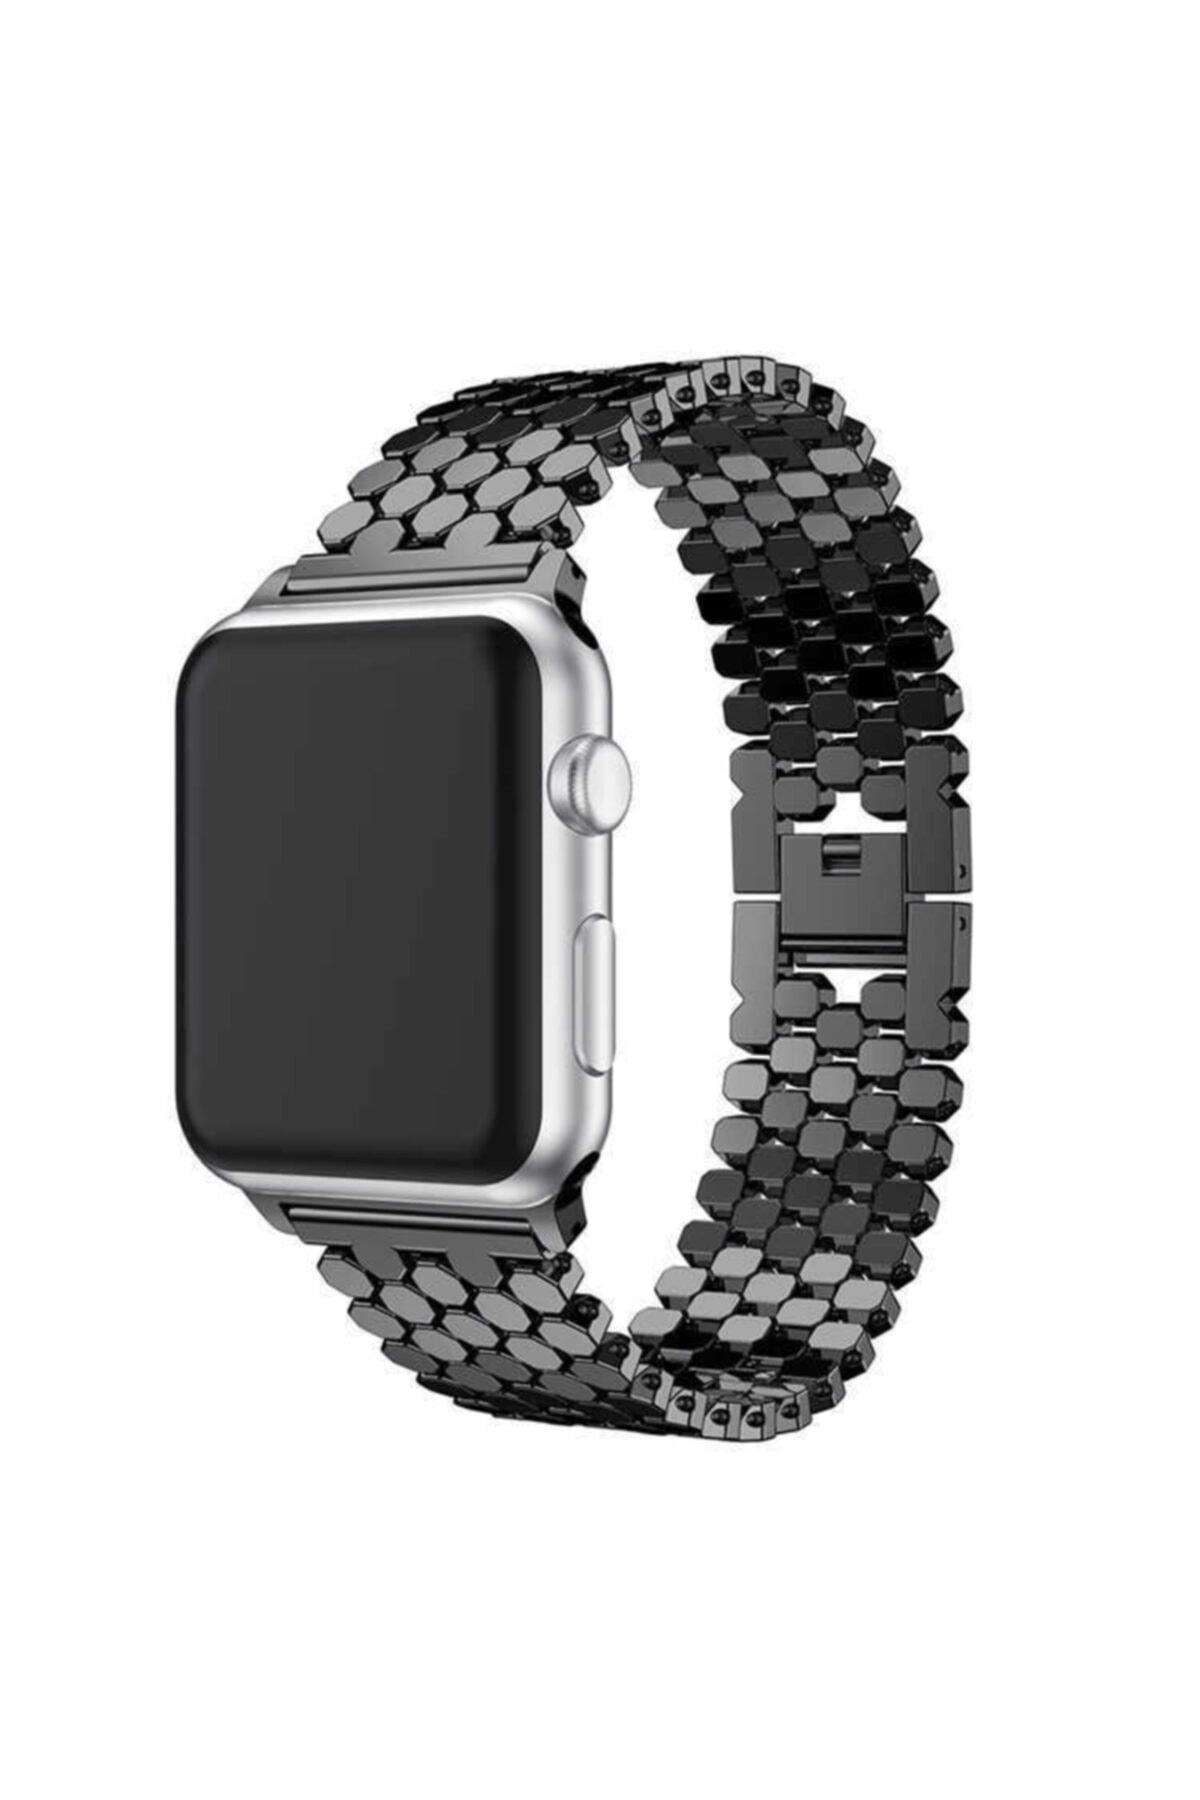 zore Apple Watch 6 40mm Bal Peteği Tasarımlı Metal Gövdeli Kordon 1